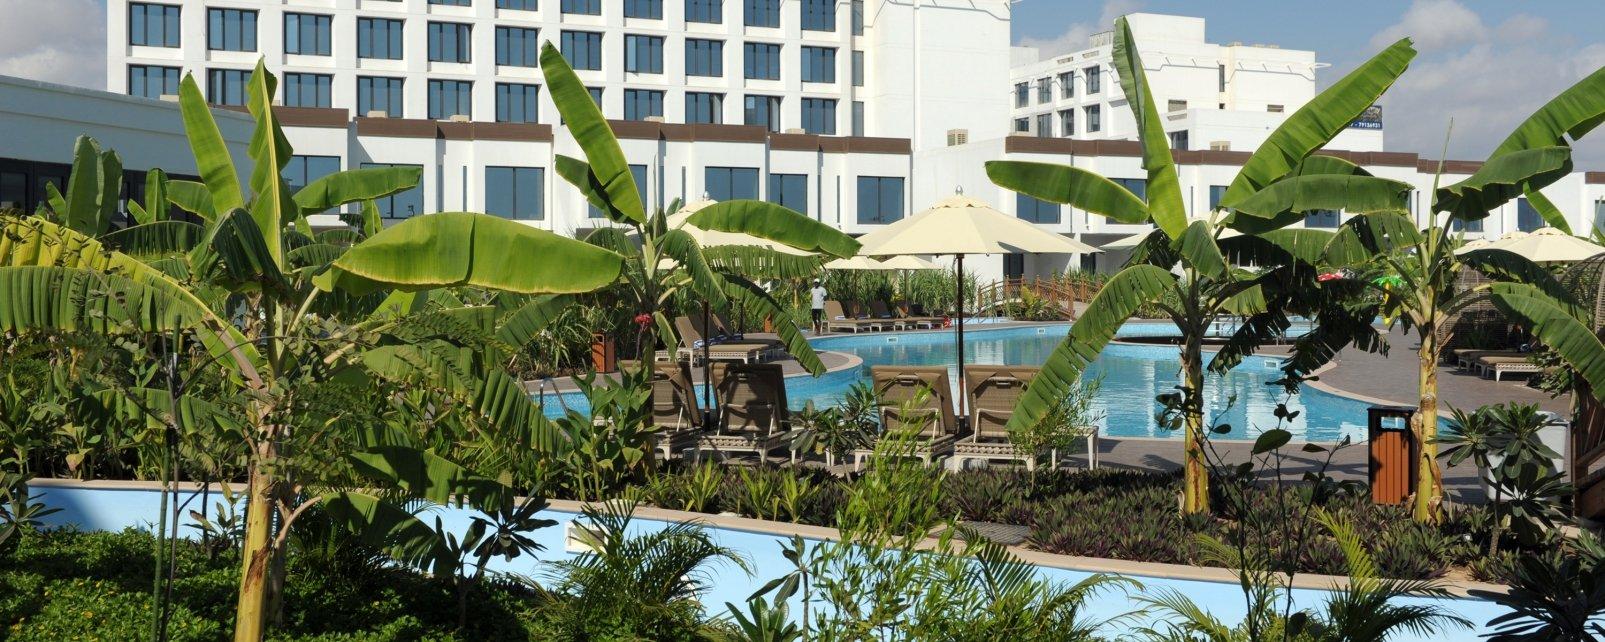 Hôtel Millenium Salalah Resort